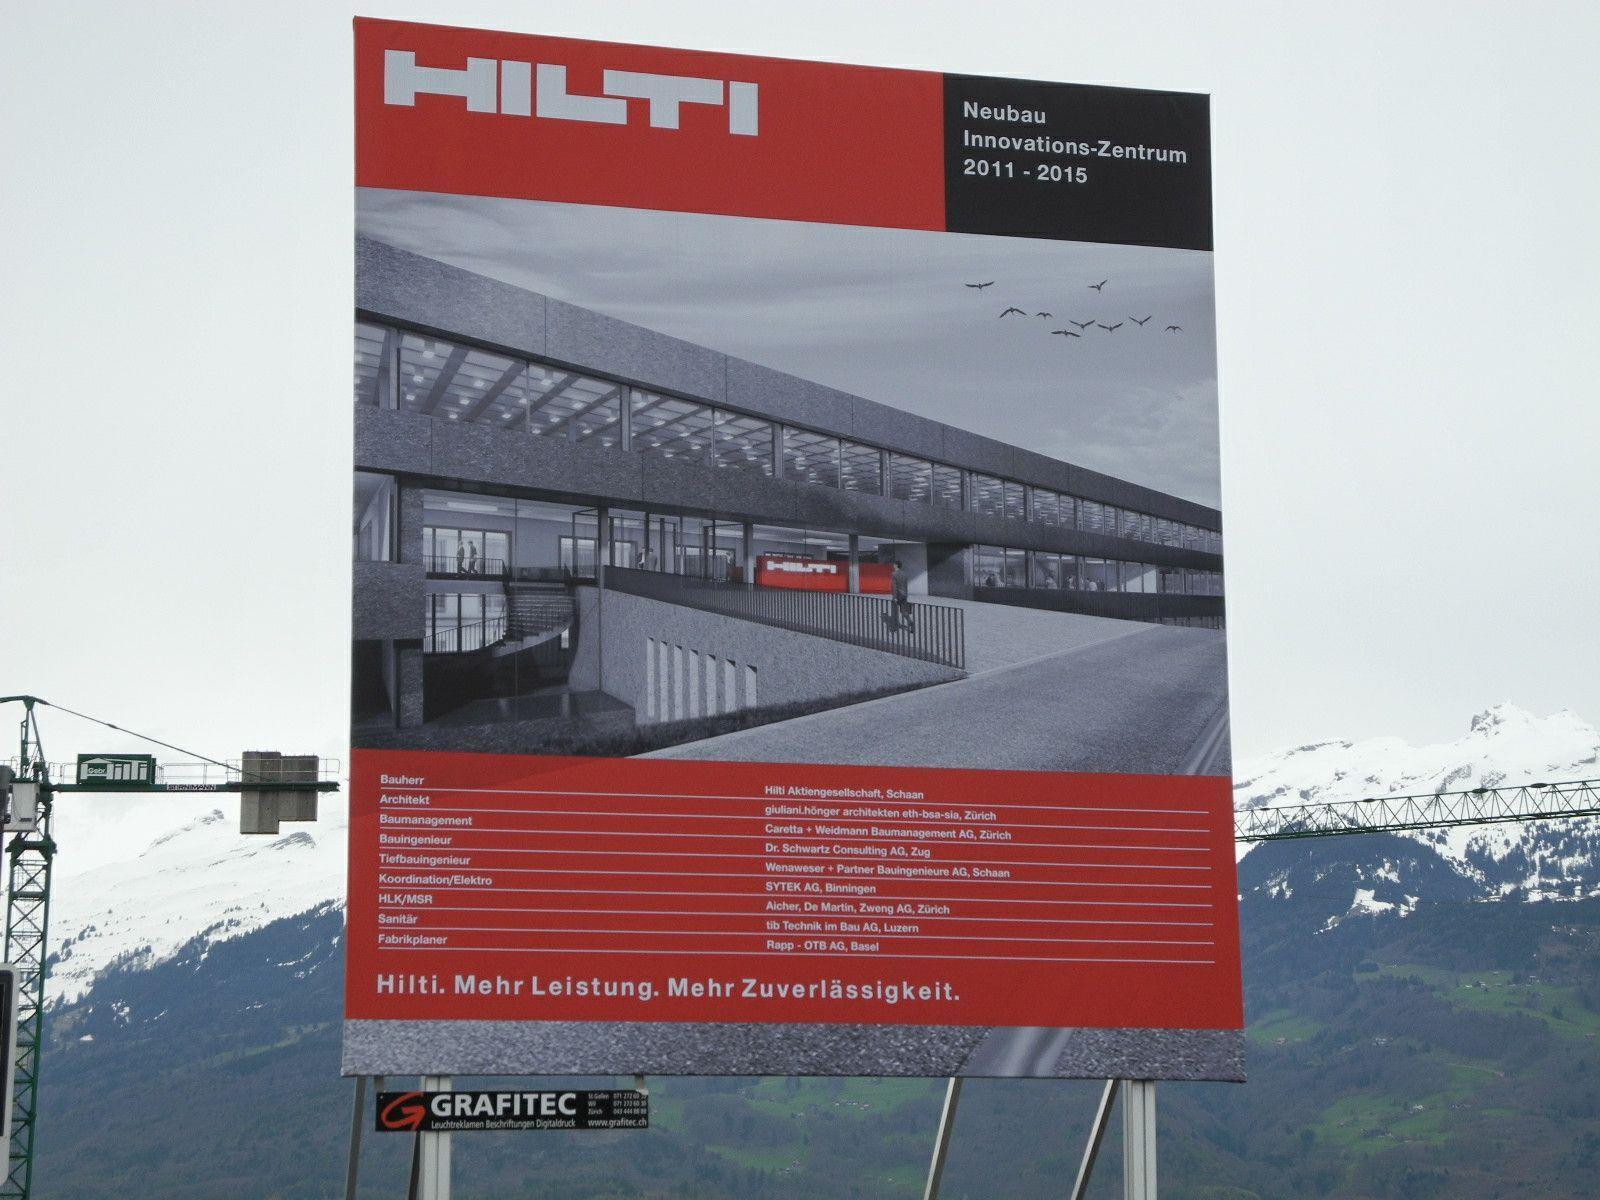 So soll das in Bau befindliche neue Hilti Innovationszentrum in Schaan aussehen